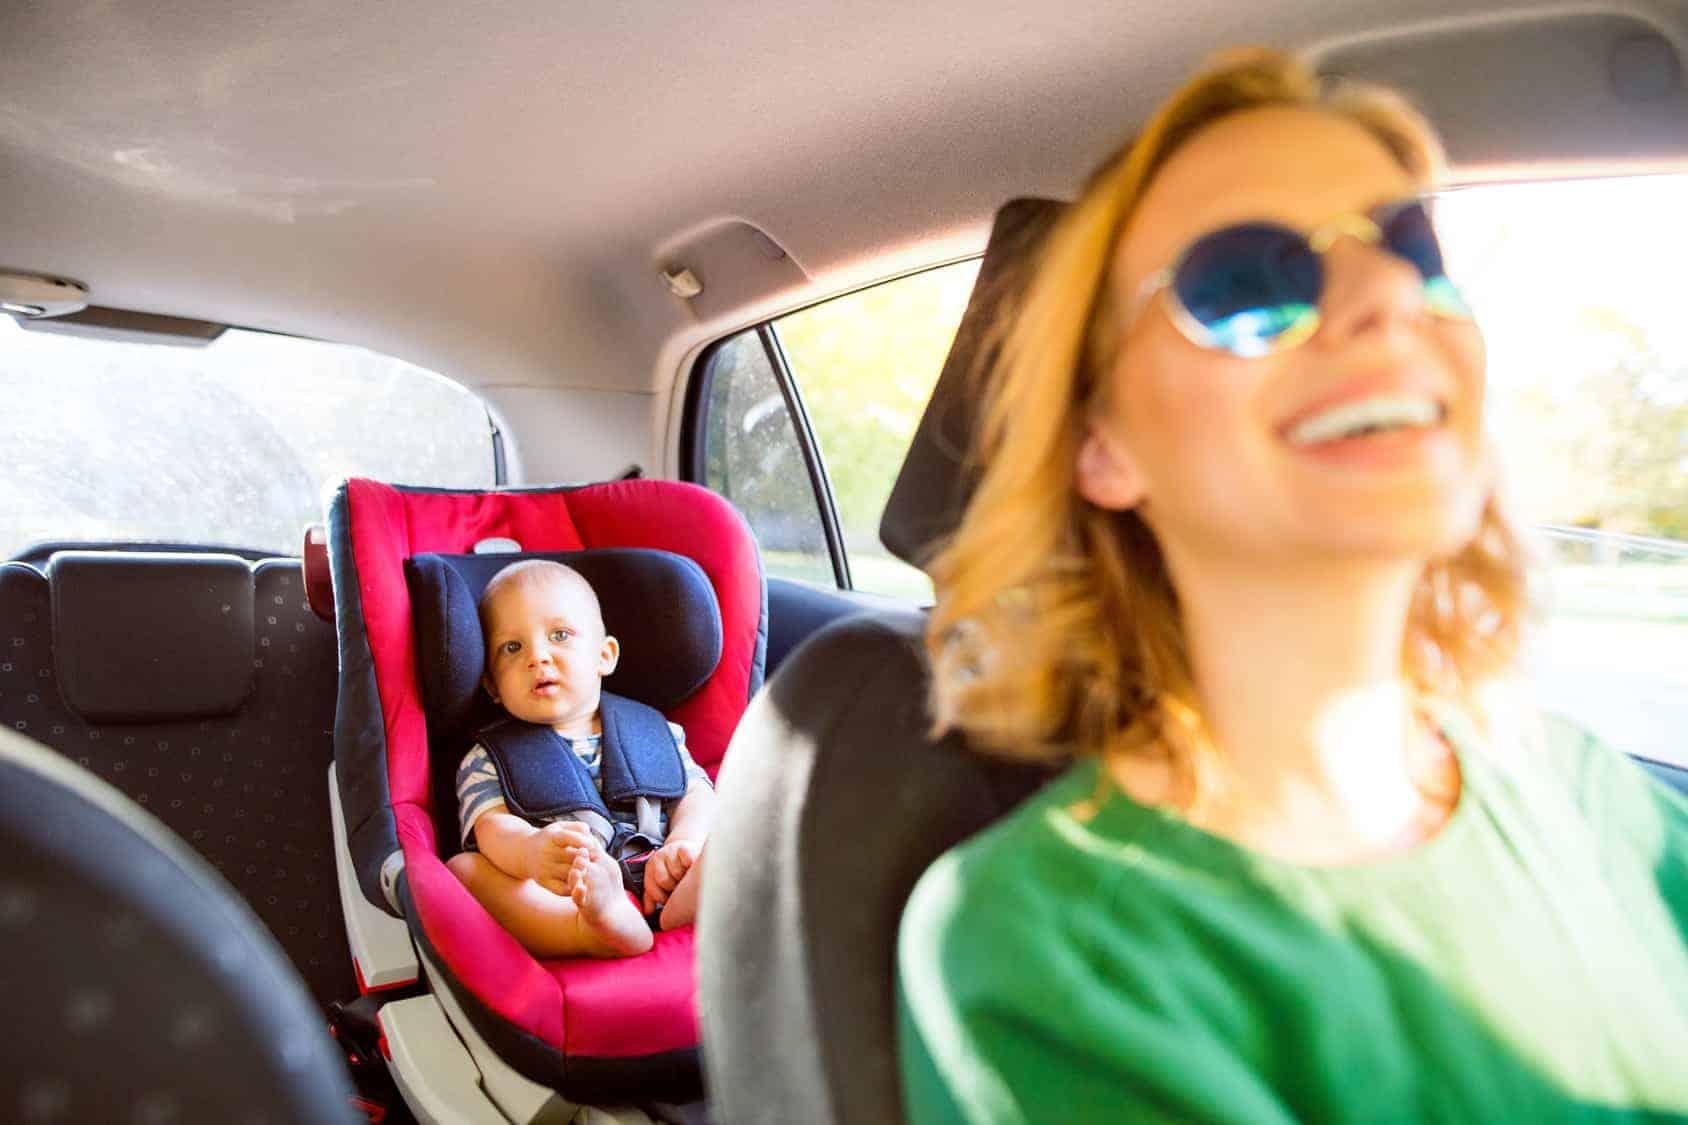 Eine junge Mutter betrachtet während der Fahrt ihr Kind auf der Rückbank durch den Rückspiegel.